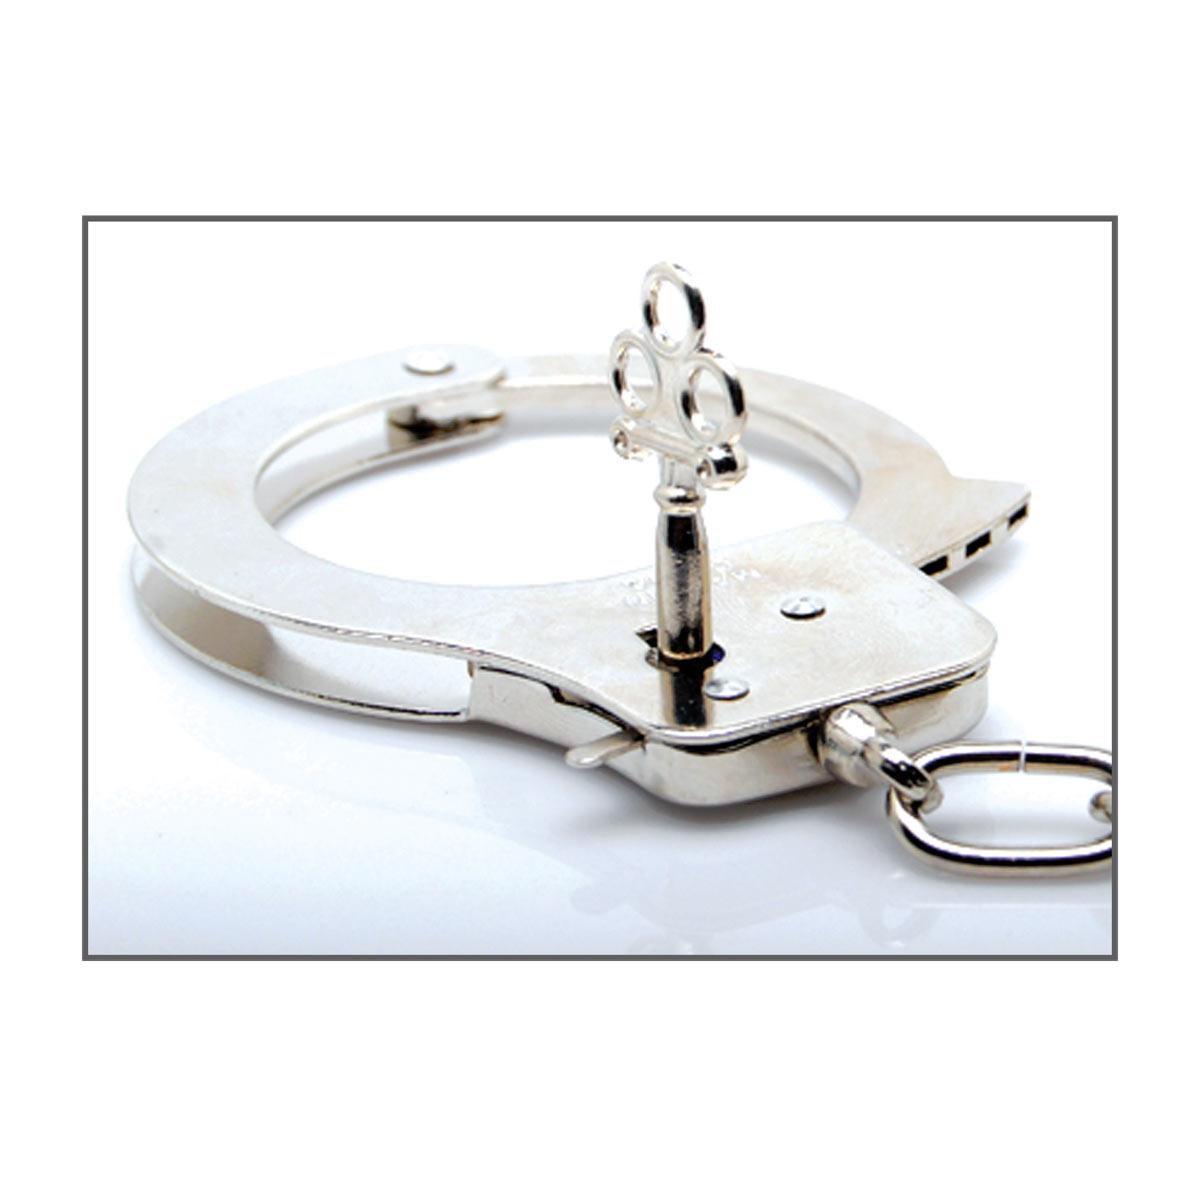 Металлические наручники Metal Handcuffs с ключиками - фото 131706